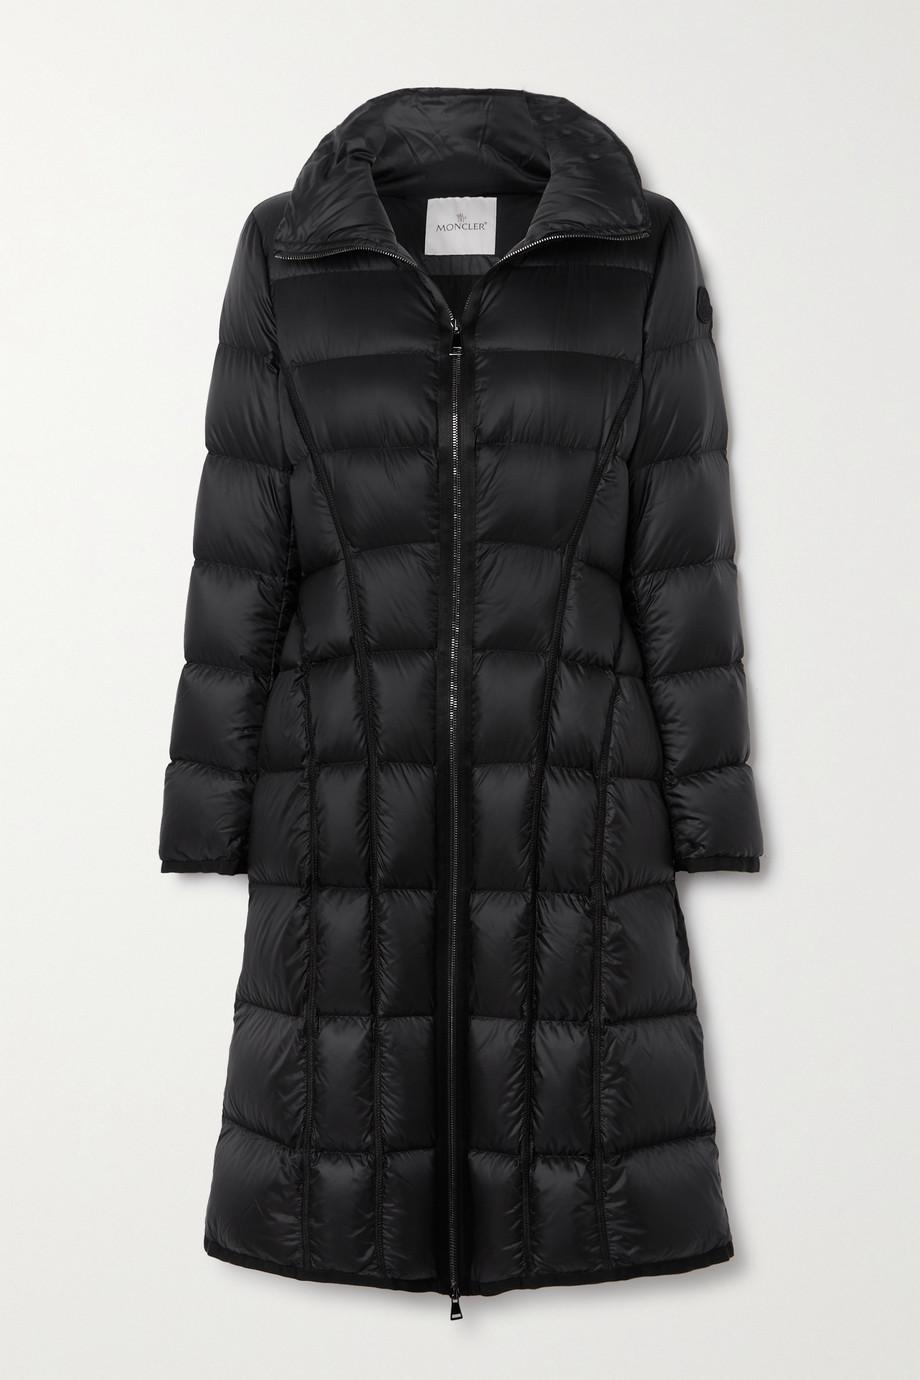 Moncler Manteau en tissu technique matelassé et en duvet Bellevalia